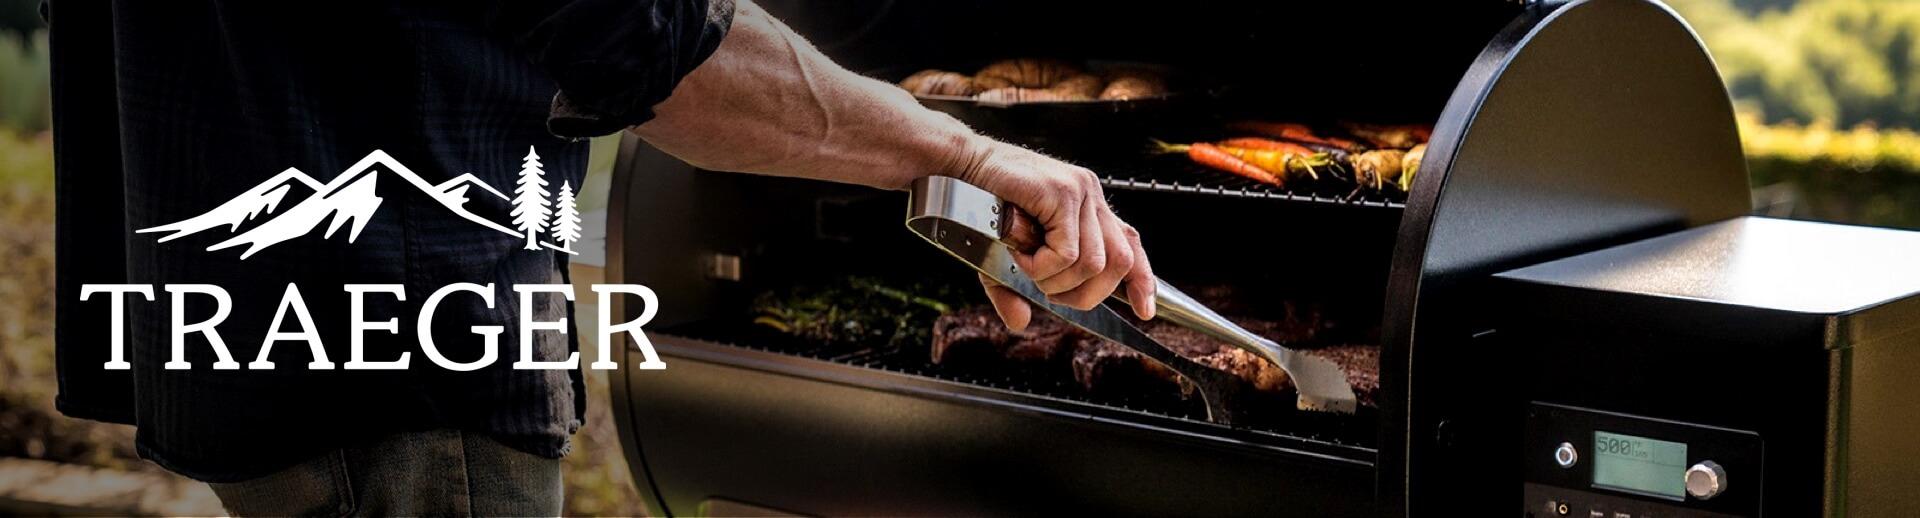 traeger grills banner image